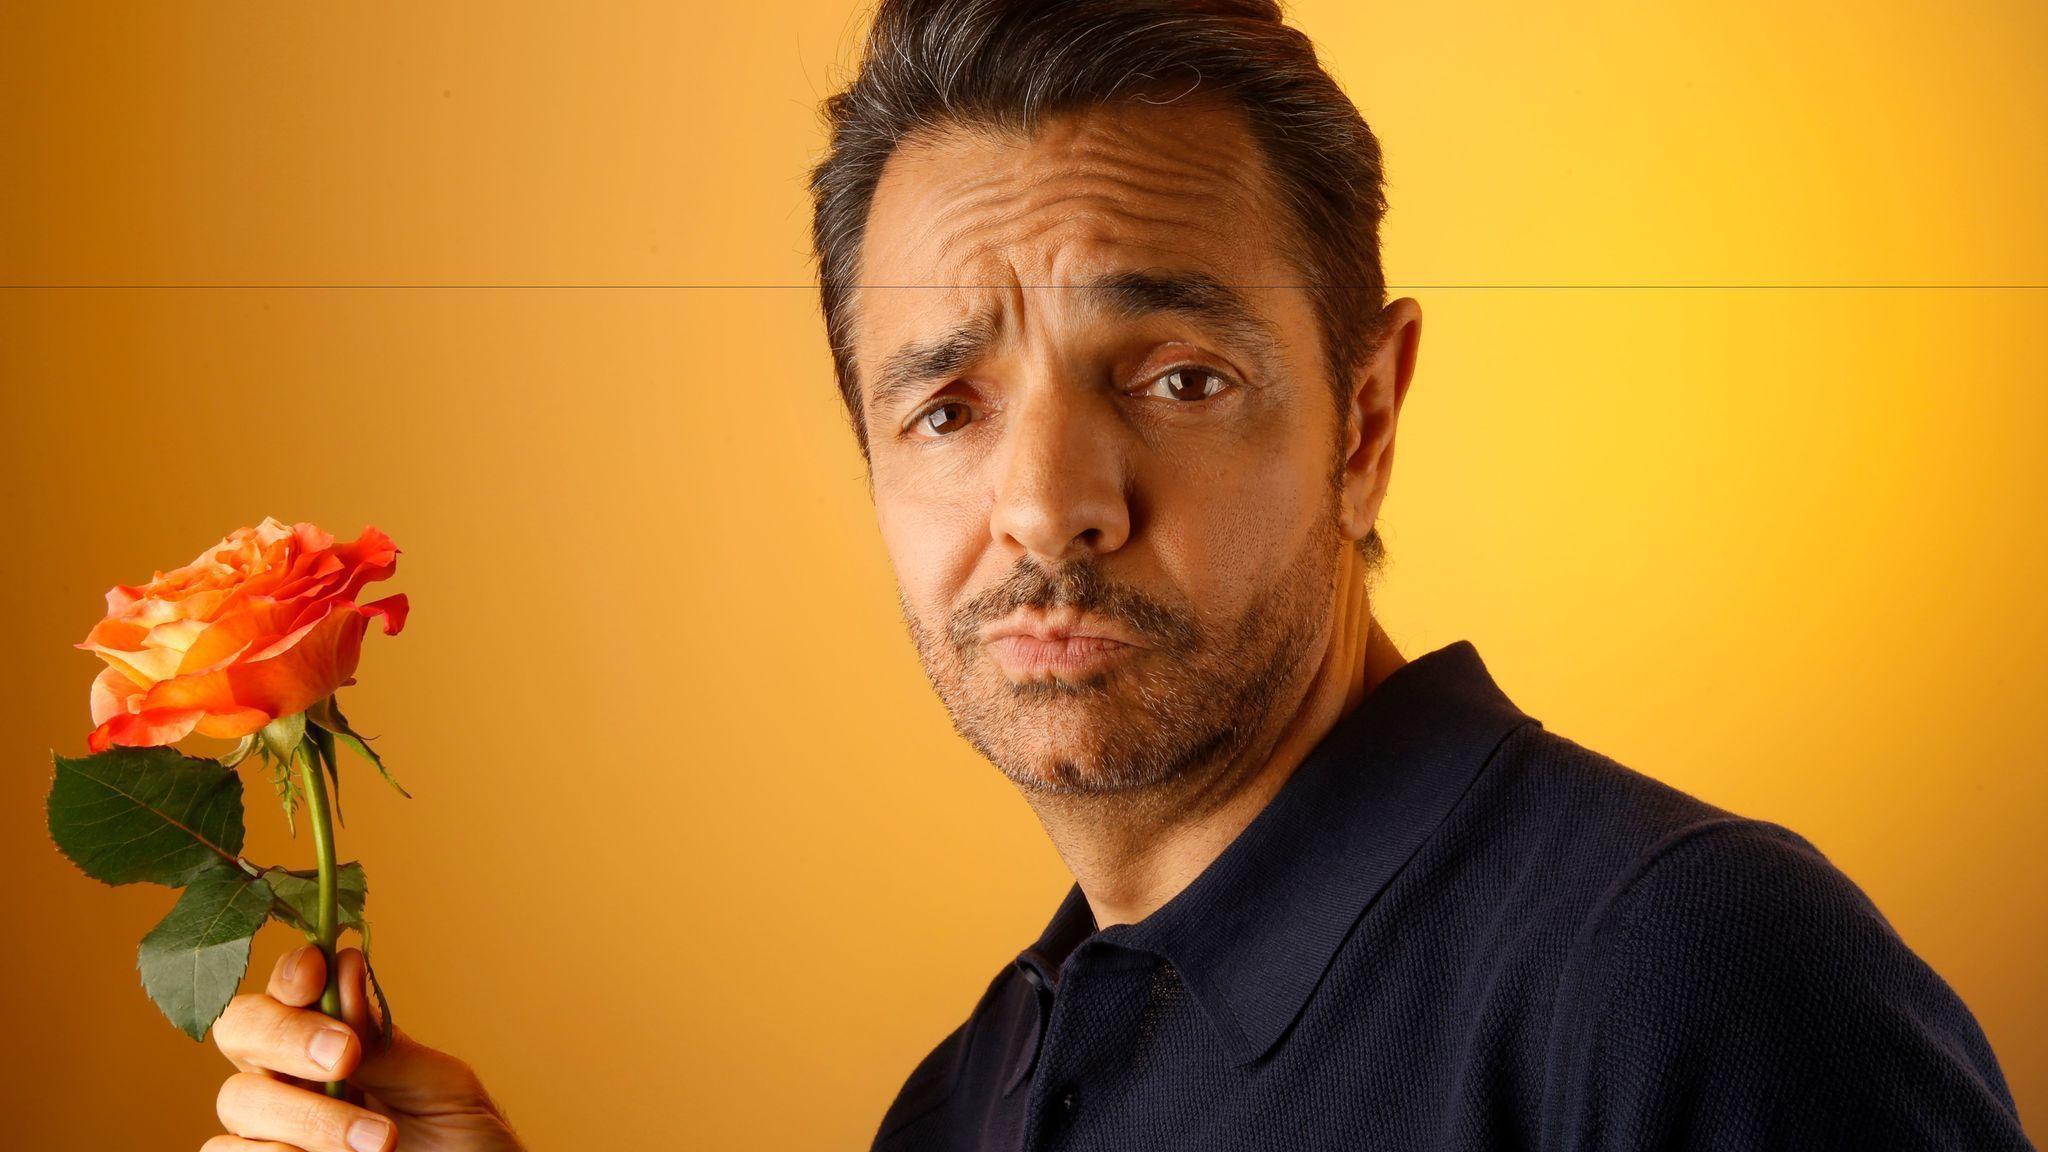 Eugenio Derbez Best Movies and TV Shows. Find it out! |Eugenio Derbez Movies